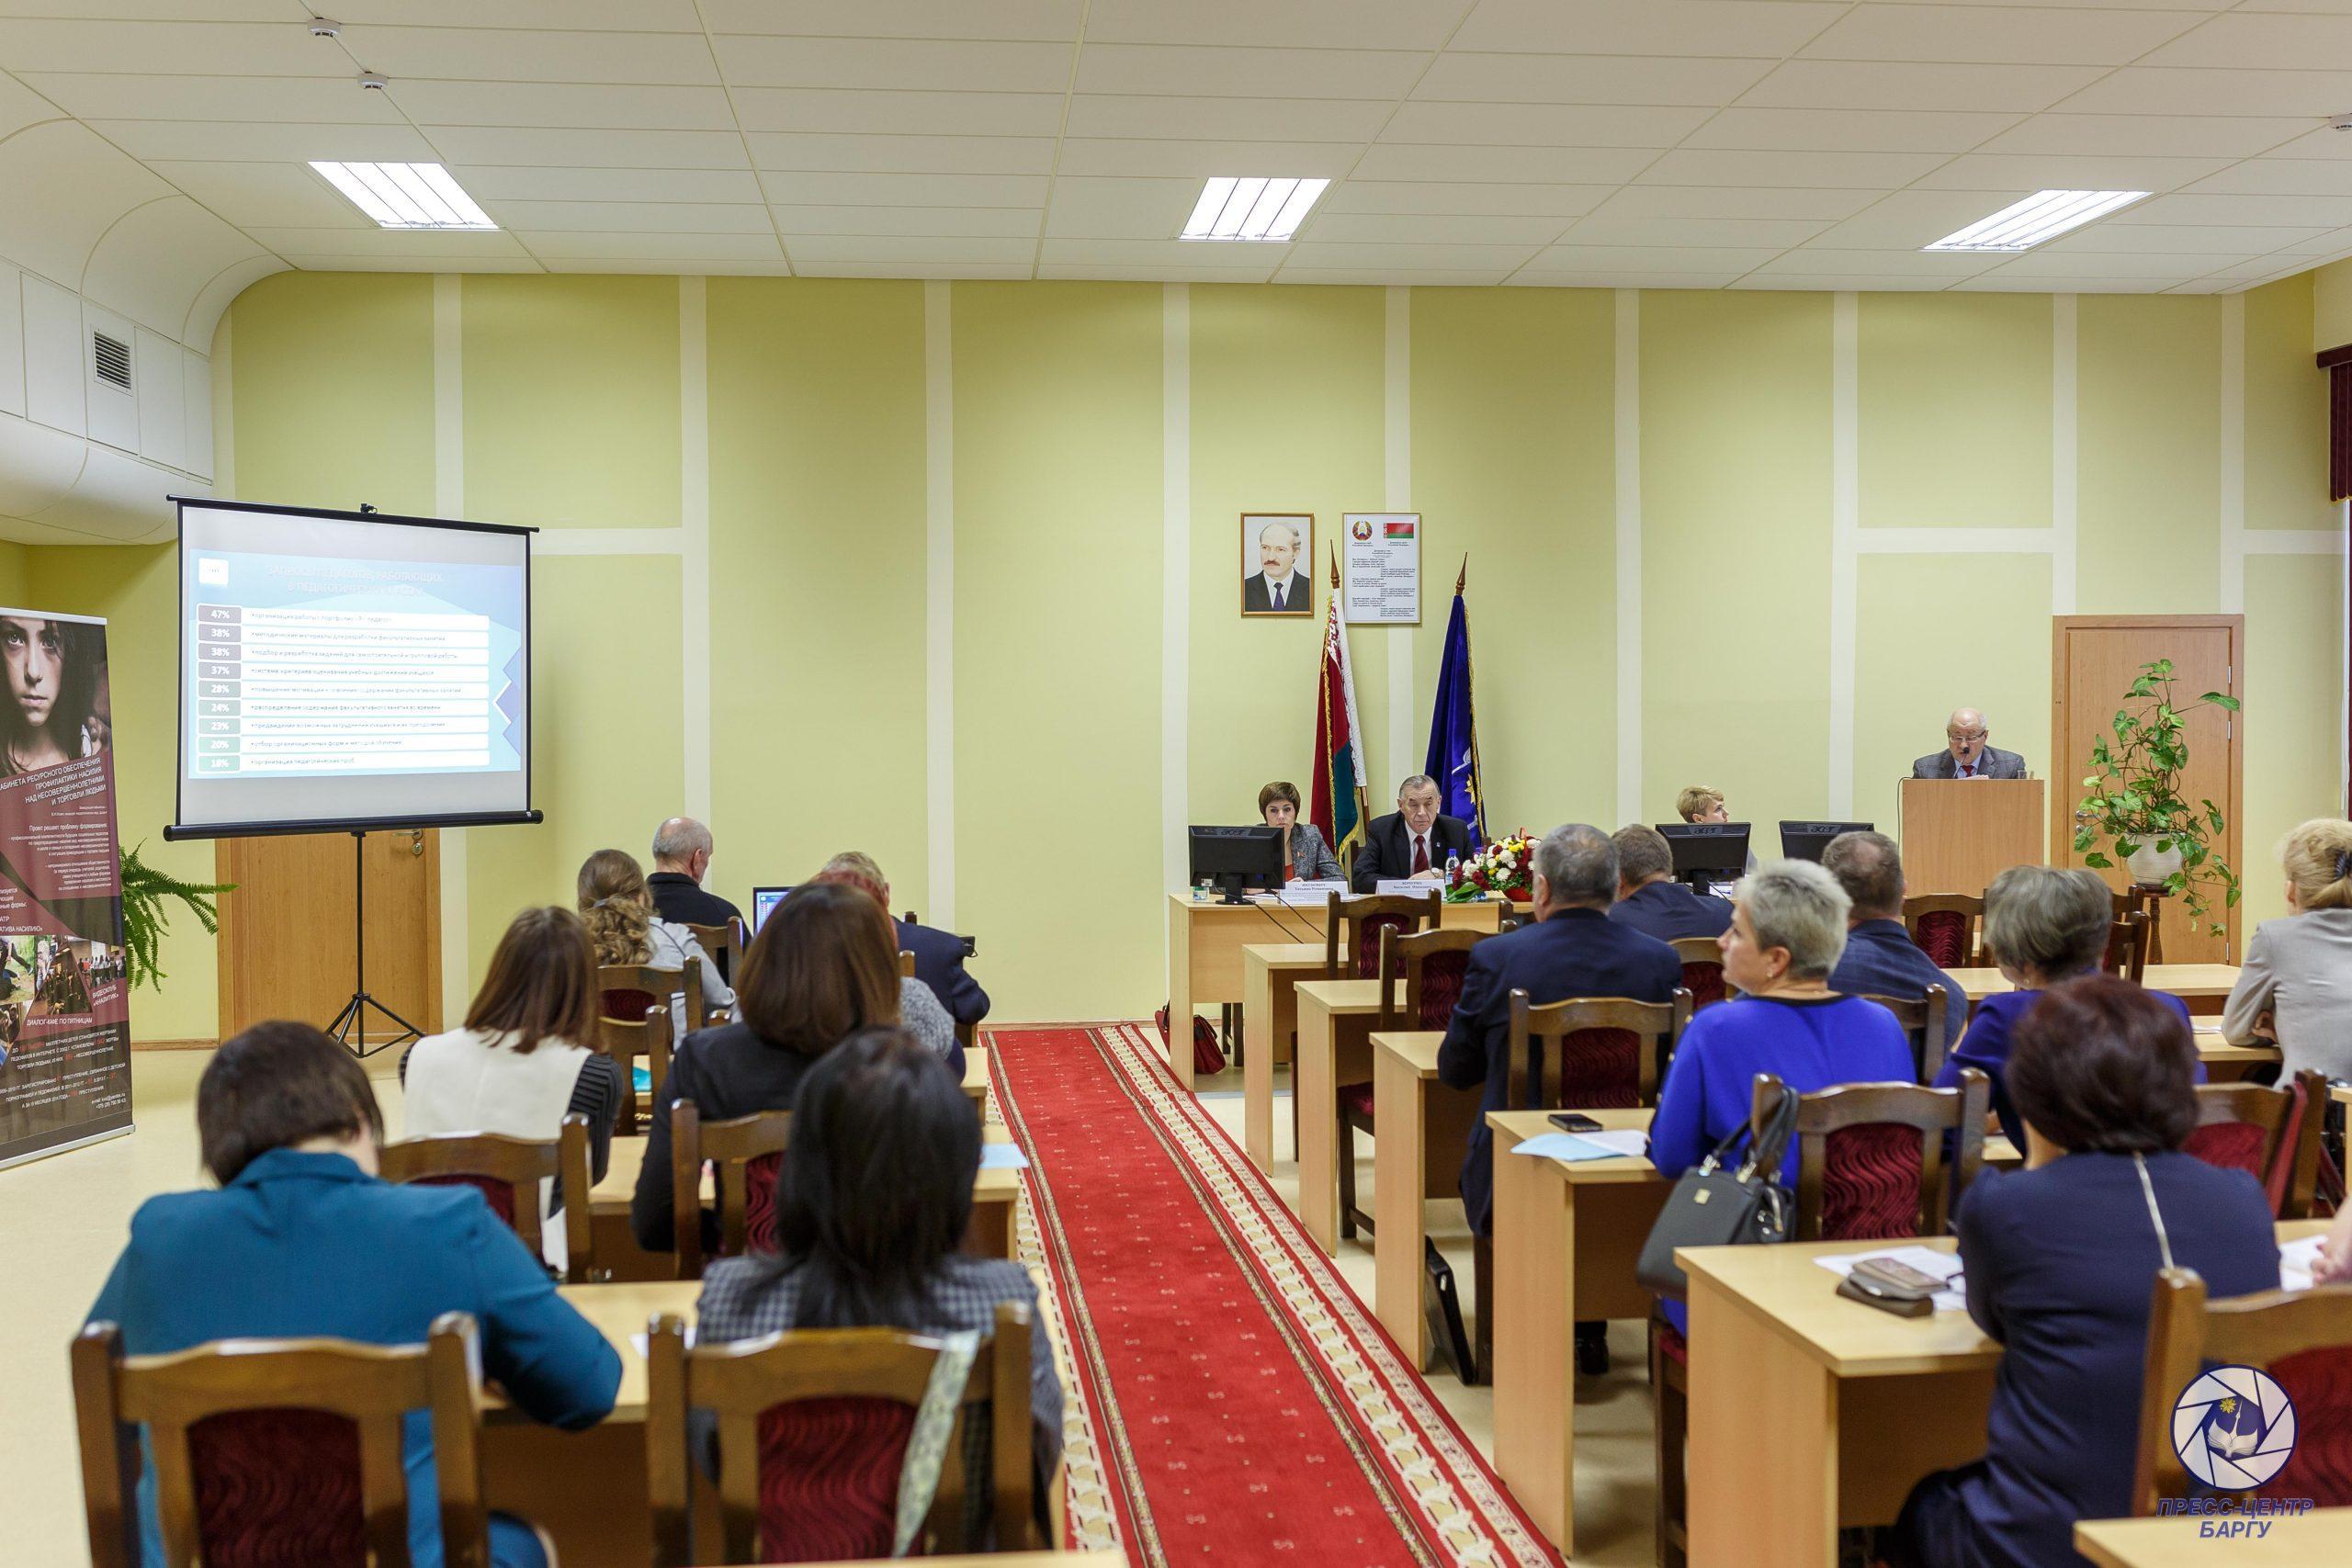 1 ноября 2018 года состоялось выездное заседание Координационного совета в Барановичском государственном университете